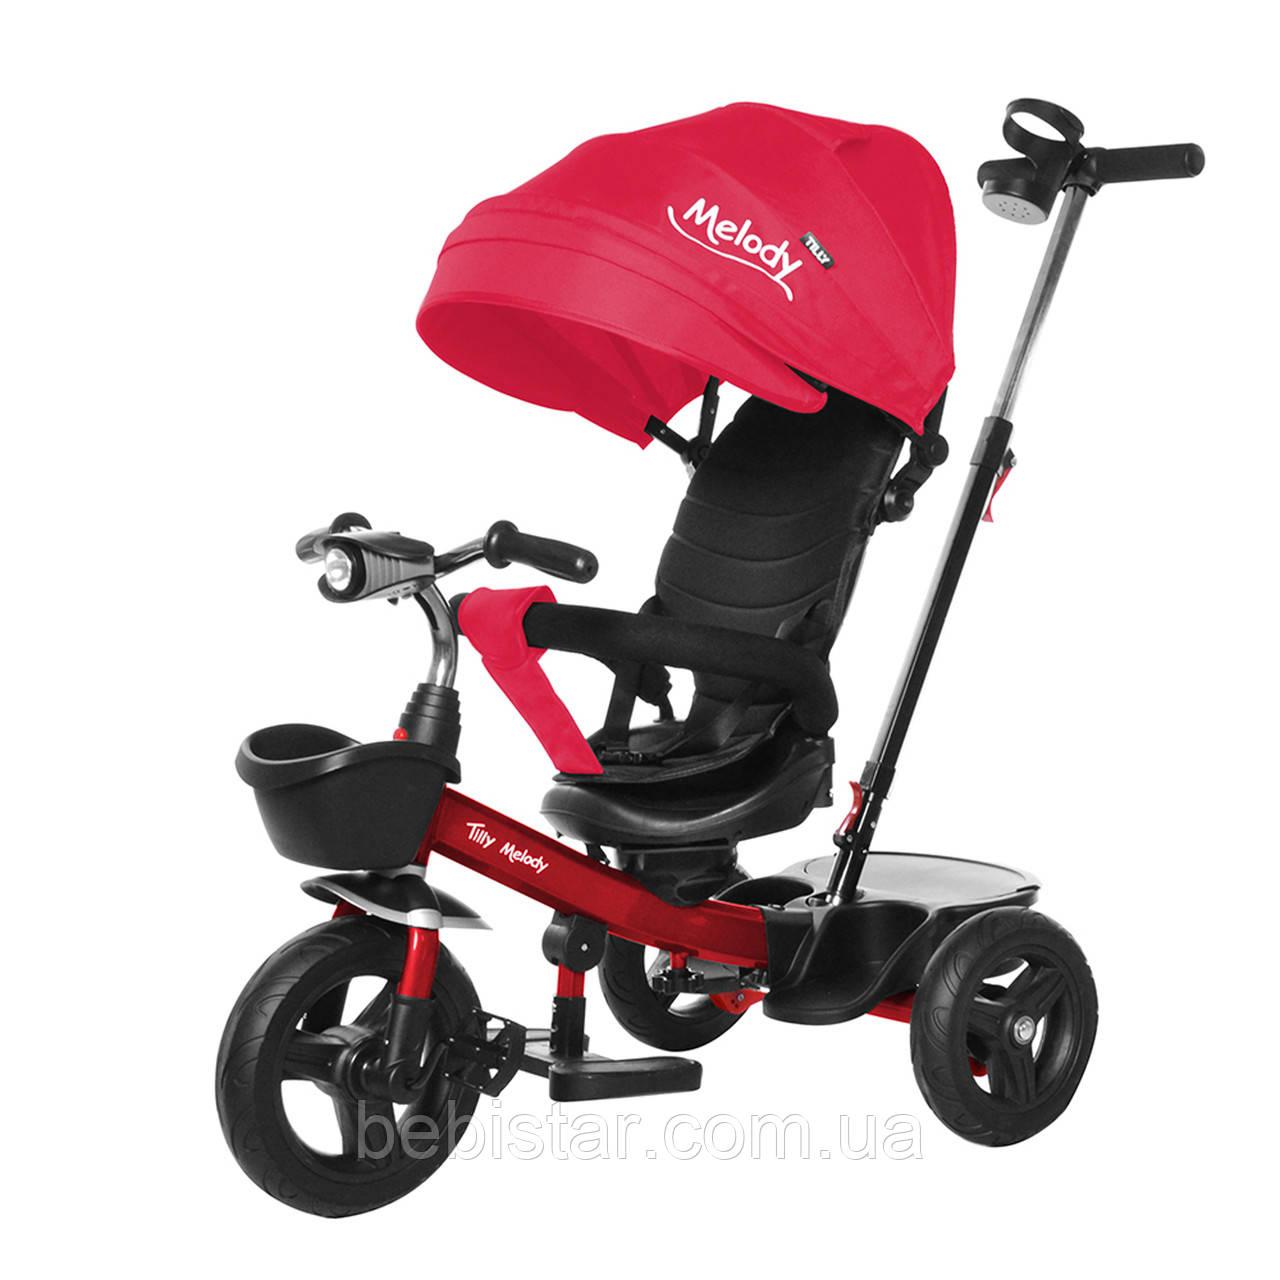 Детский трехколесный велосипед на красной раме TILLY Melody T-385 Красный музыка свет поворотное сидение